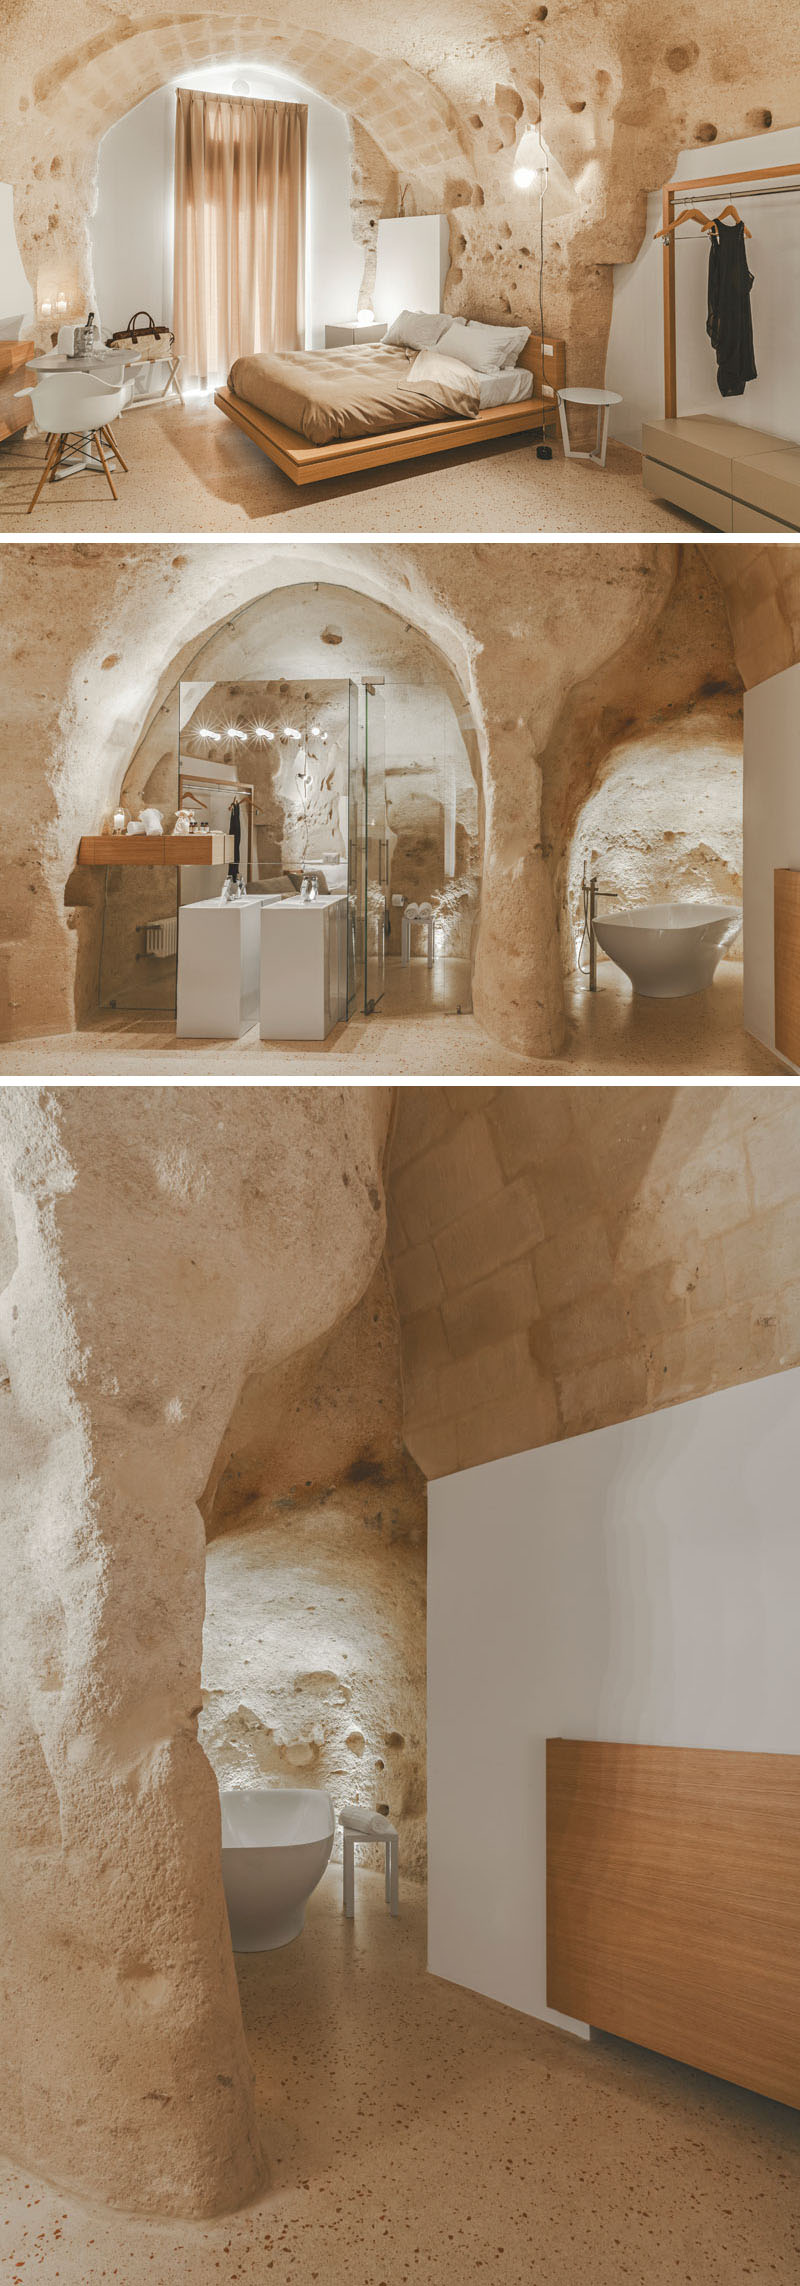 interior-sachetava-moderno-izlachvane-s-istoricheskite-detaili-7g